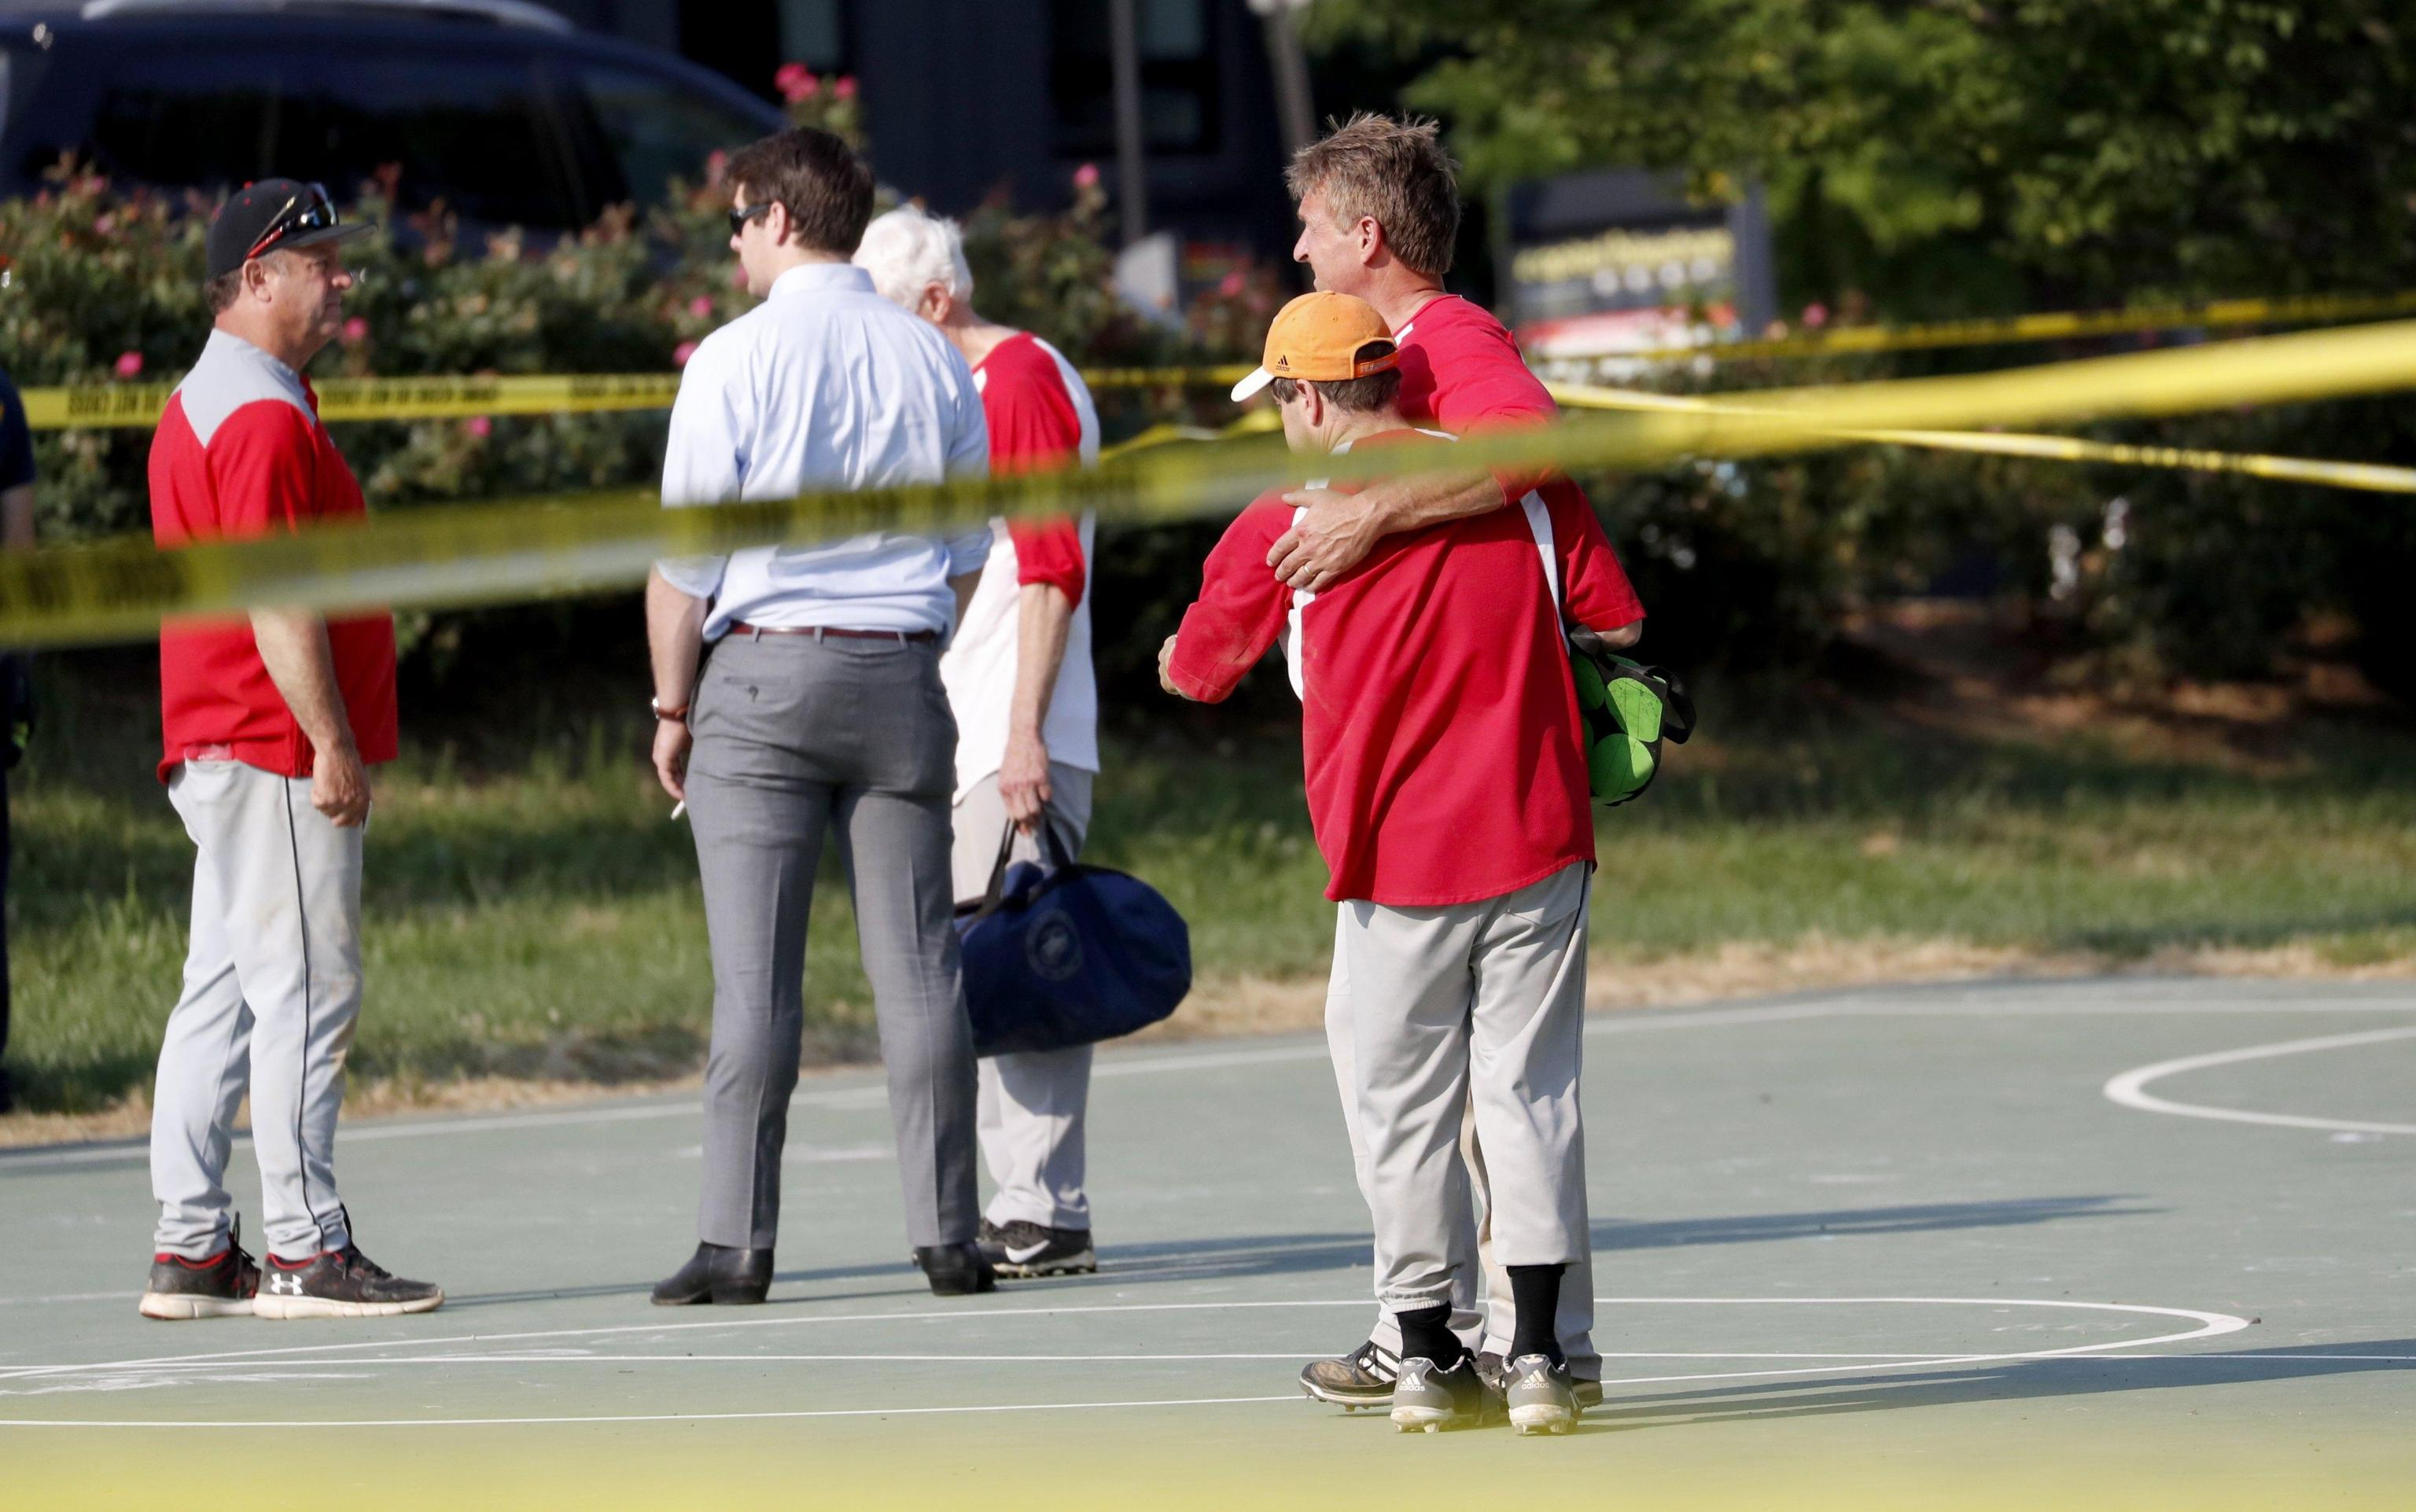 Shooting of multiple people in Alexandria, Virginia